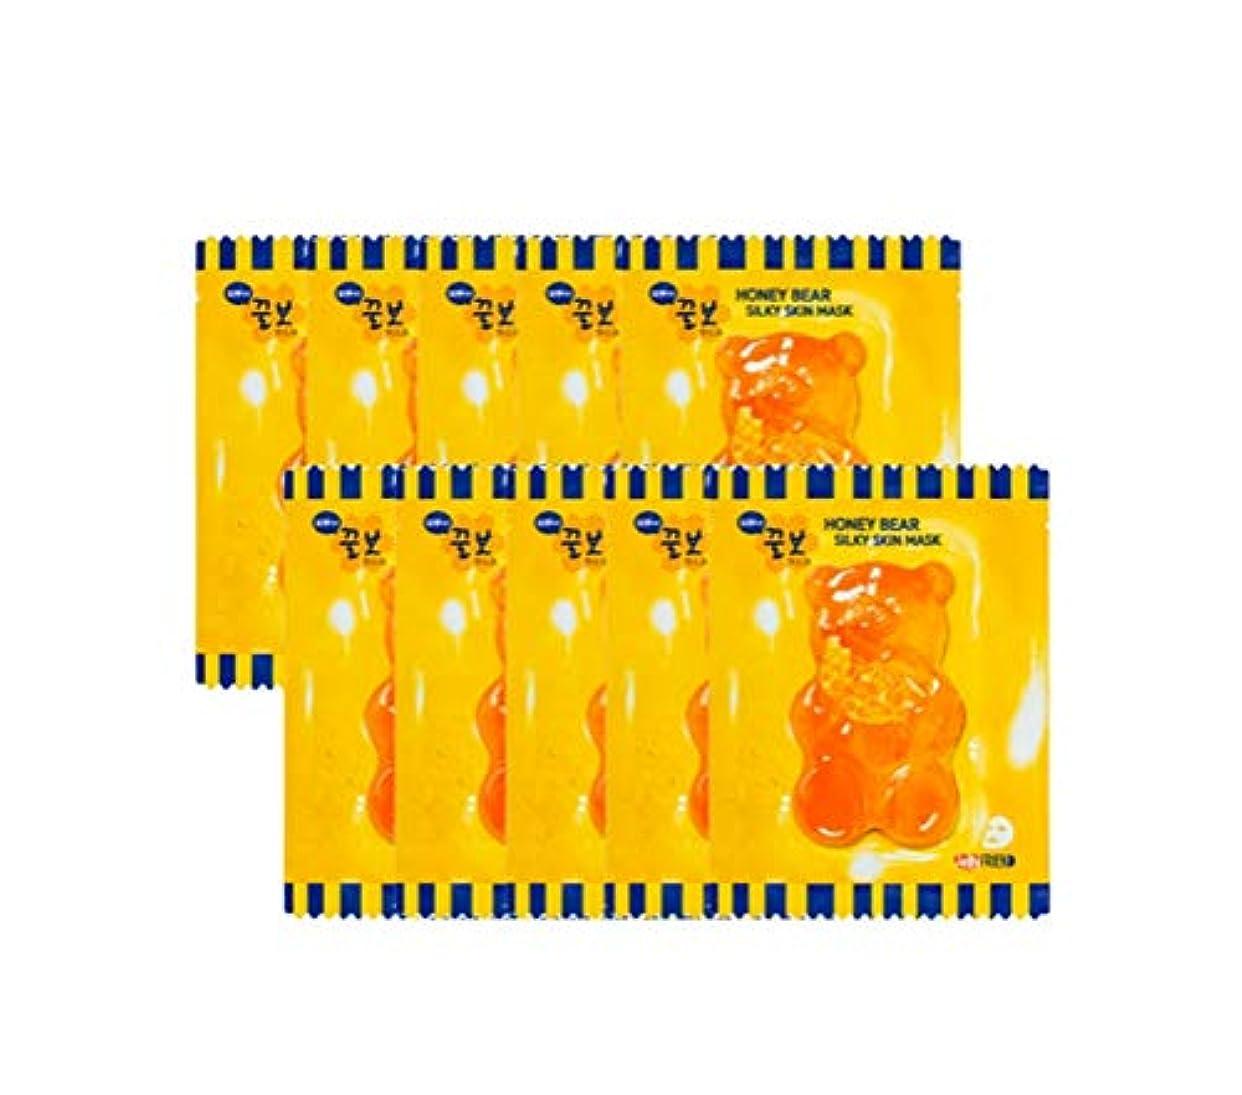 メタン豚肉近くJellyFRIEN Honey Bear Silky Skin Mask 10ea ロイヤルゼリー蜂蜜成分と保湿マスクパック(海外直送品)